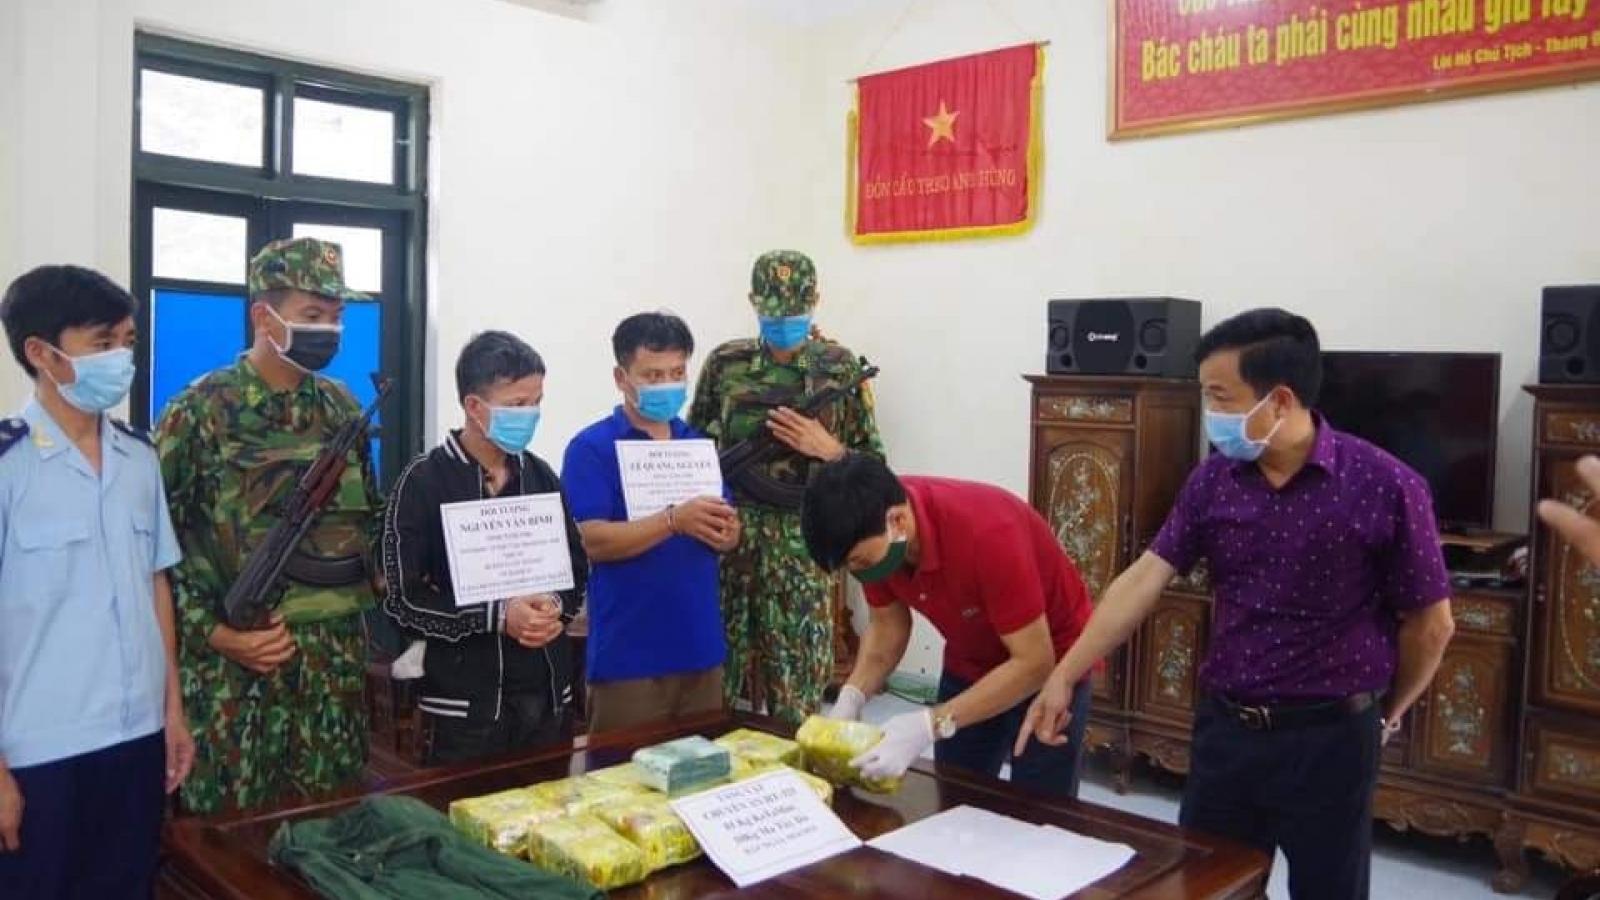 2 đối tượng vận chuyển 11kg ma túy sa lưới ở Hà Tĩnh